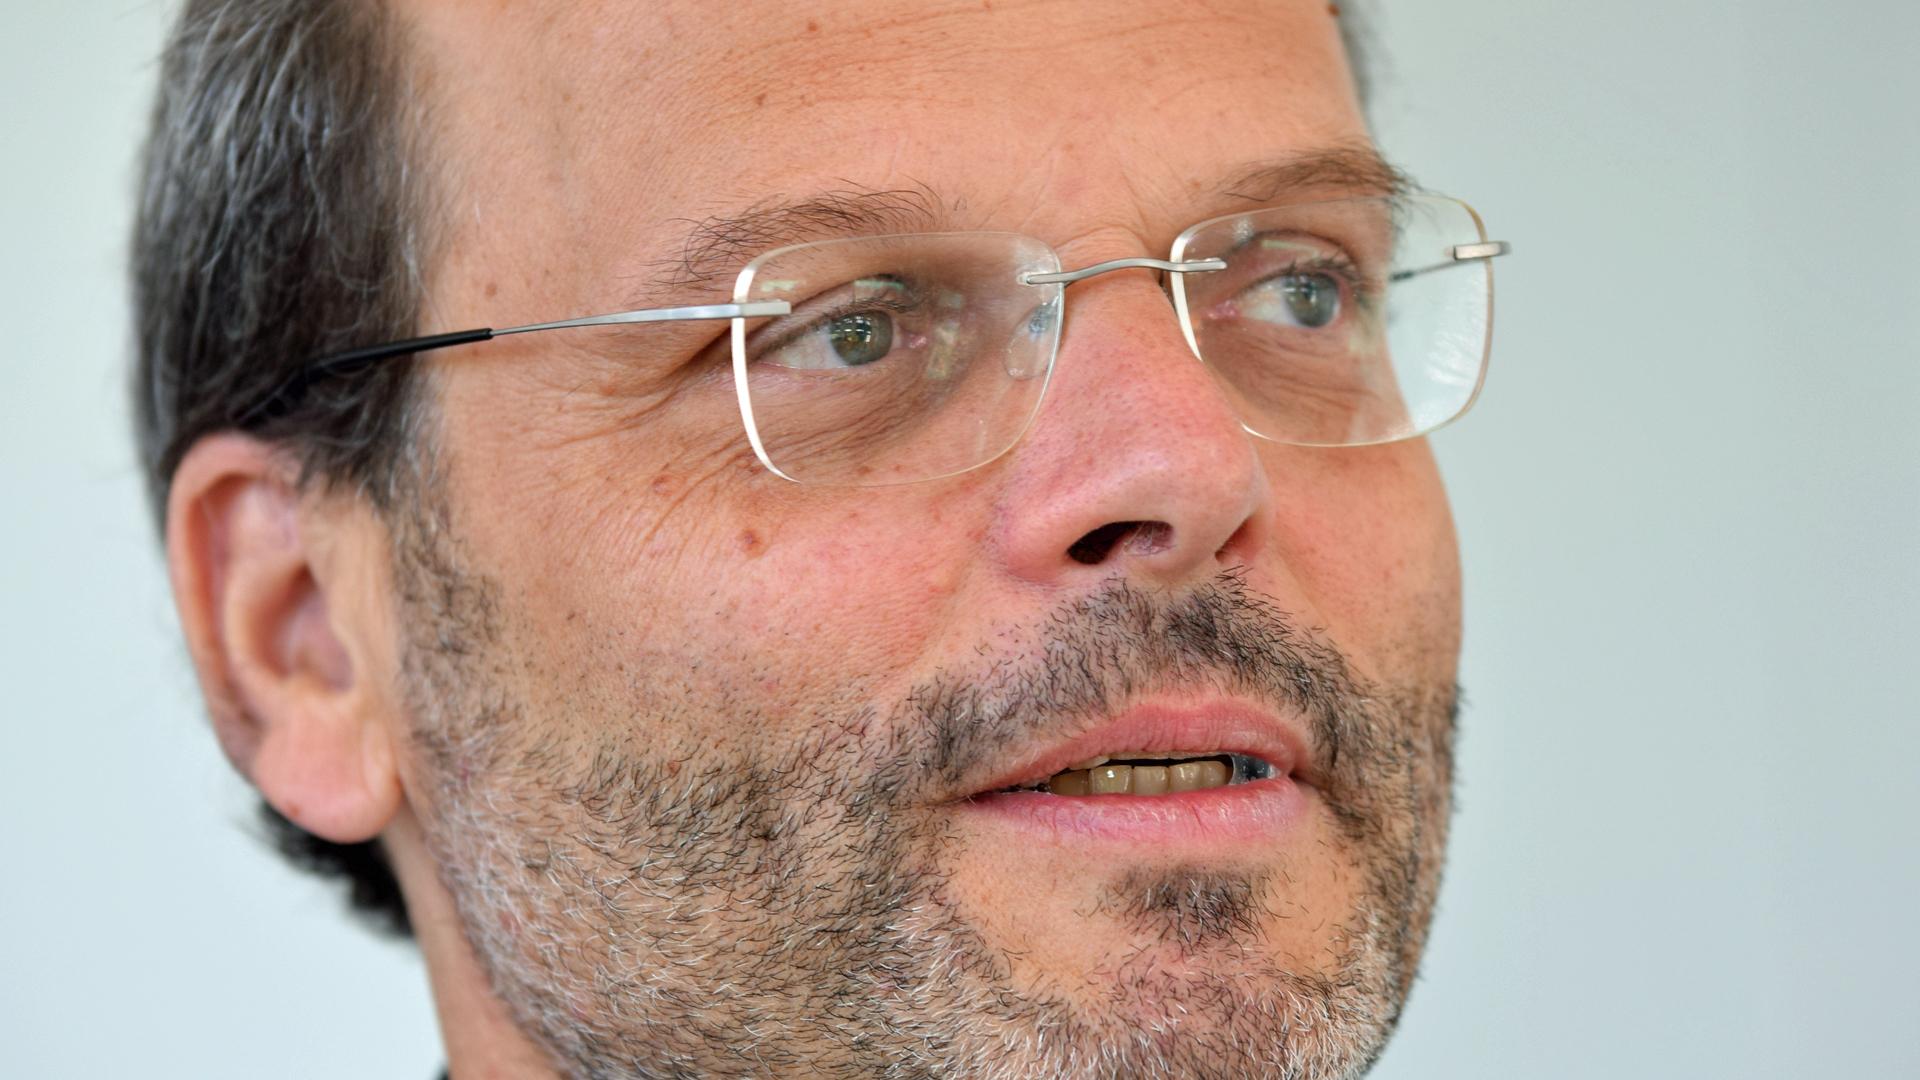 Setzt sich dafür ein, dass die Tagung in der Evangelischen Akademie Bad Boll abgesagt wird: der Antisemitismusbeauftragte der Bundesregierung, Felix Klein